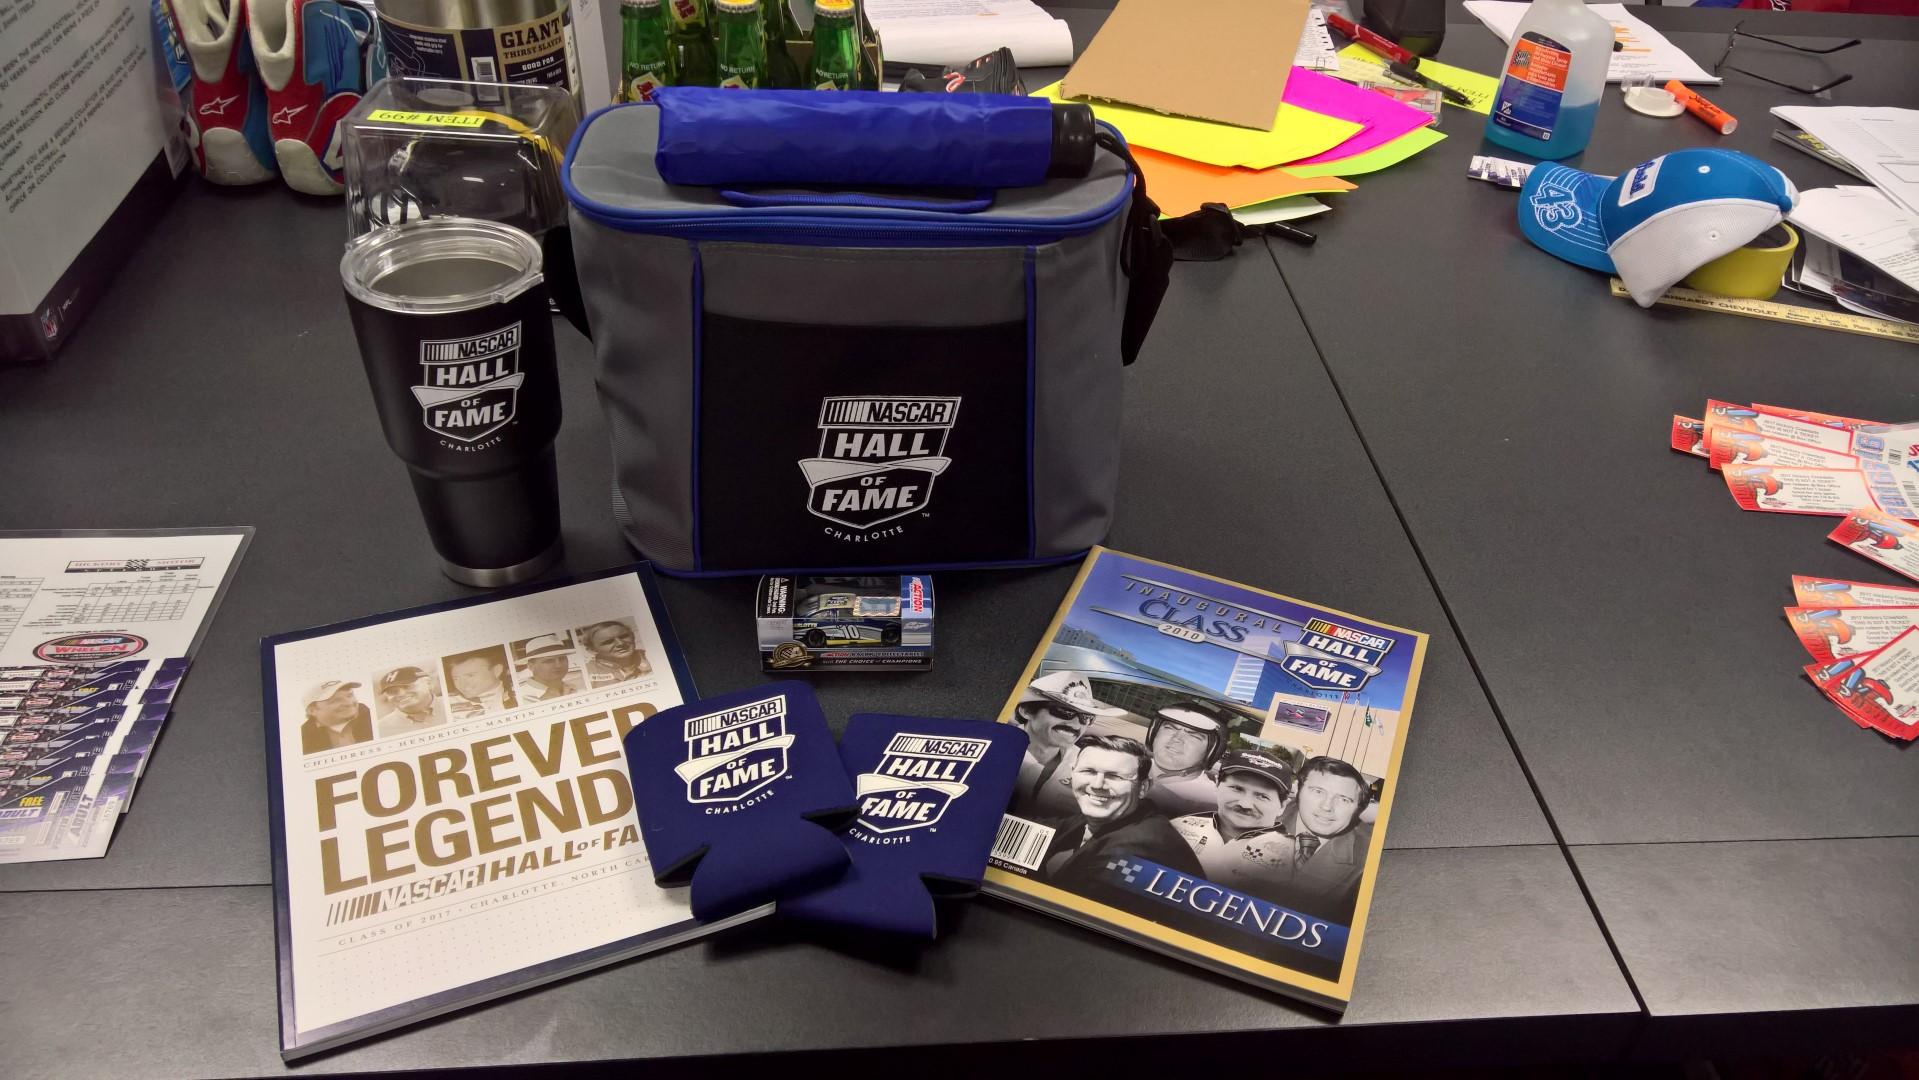 NASCAR Hall of Fame Branded Package